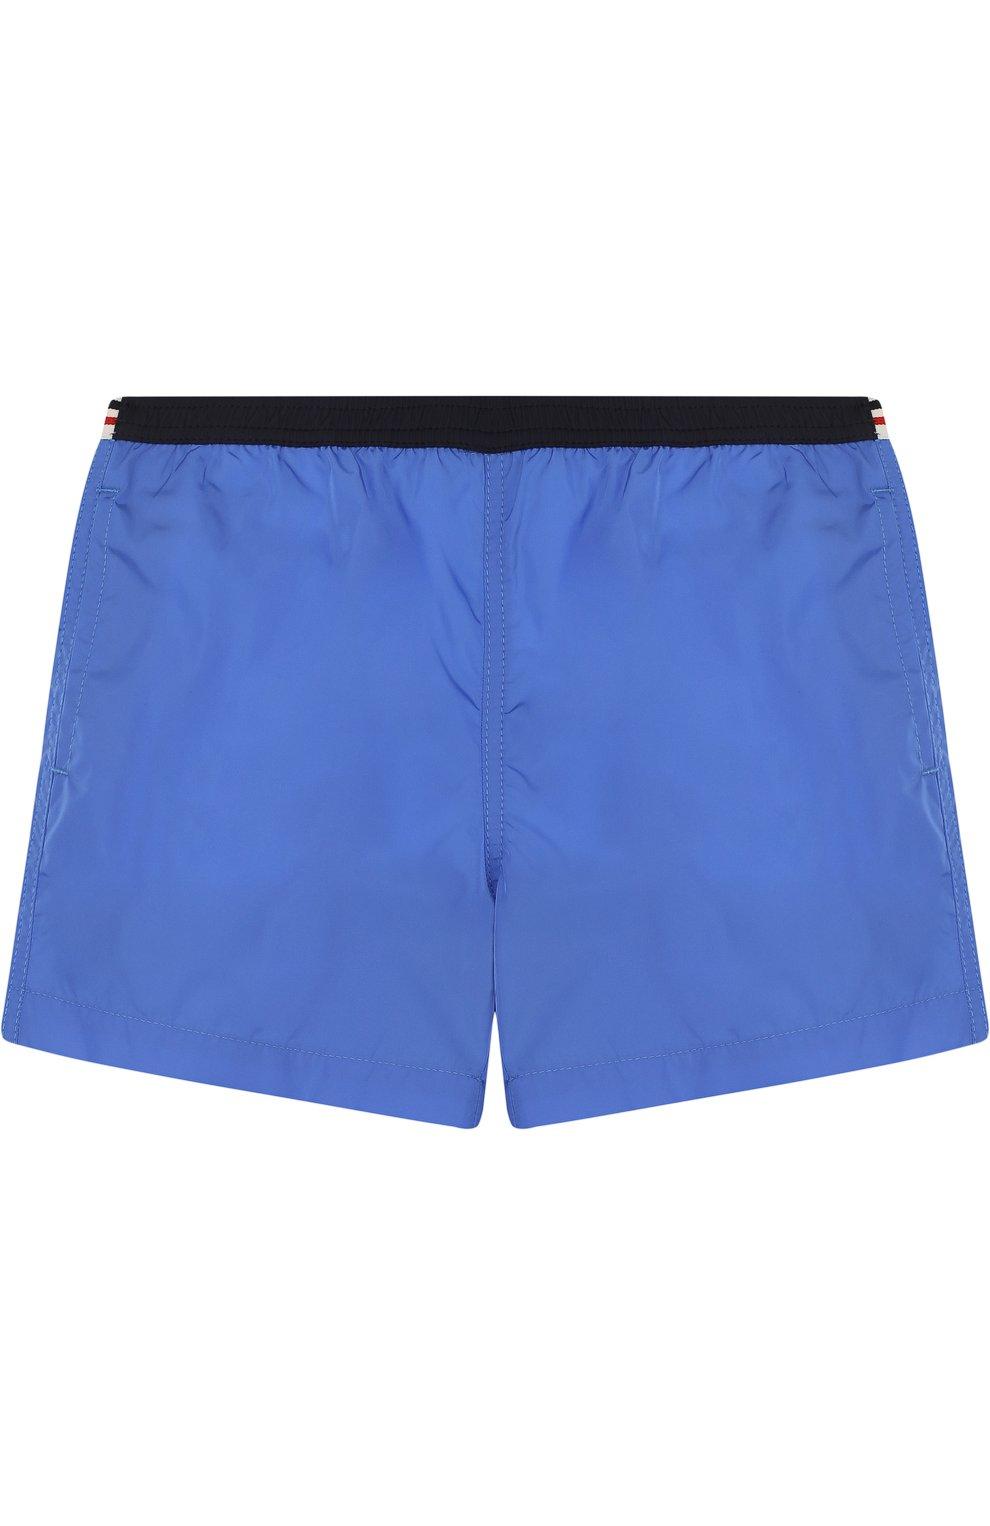 Детского плавки-шорты с логотипом бренда MONCLER ENFANT синего цвета, арт. D1-951-00733-05-53326 | Фото 1